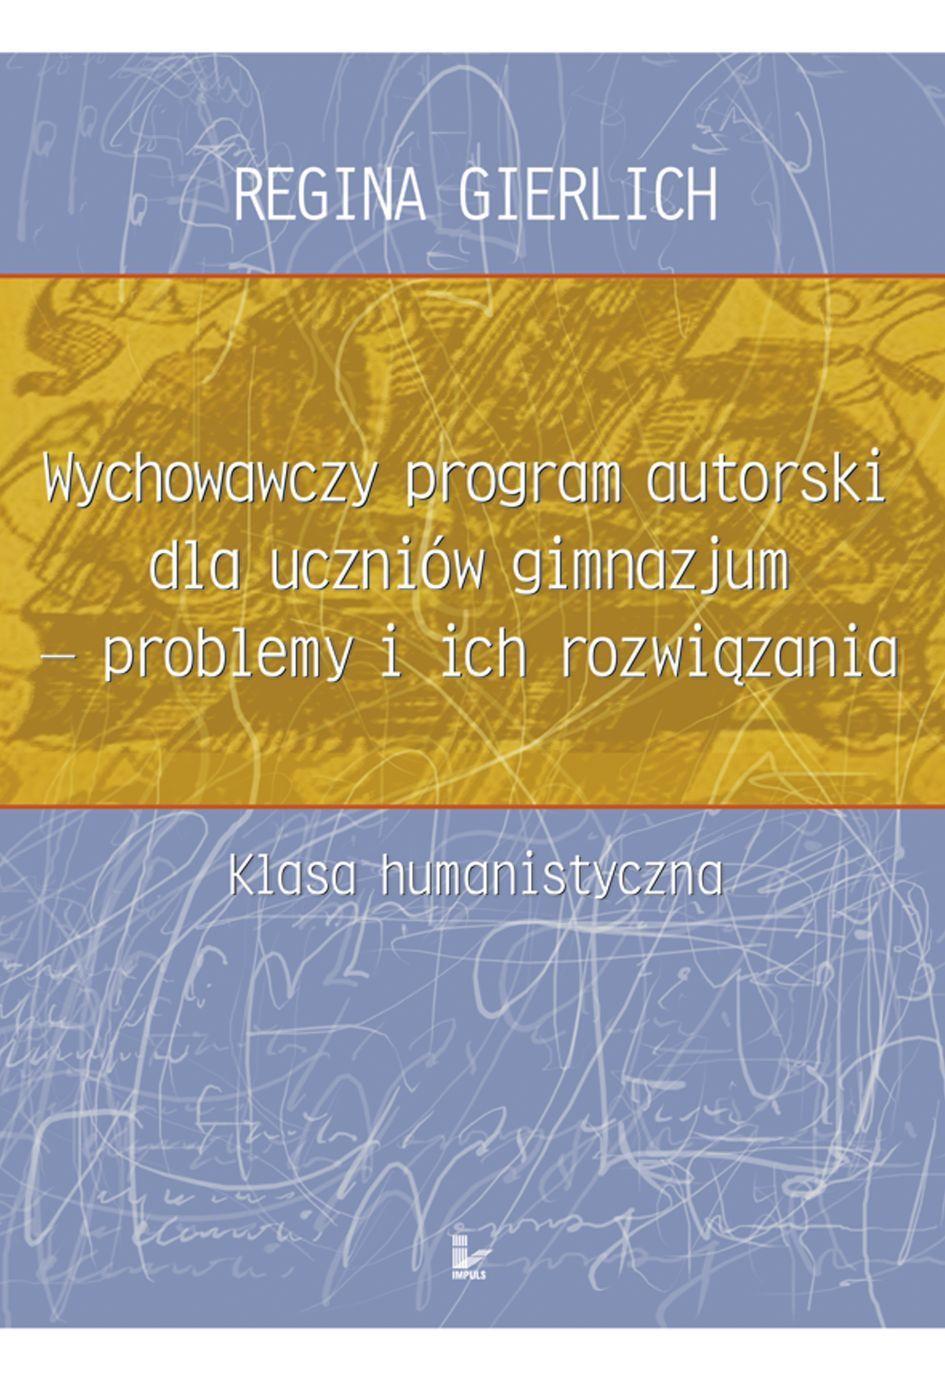 Wychowawczy program autorski dla uczniów gimnazjum - problemy i ich rozwiązania - Ebook (Książka na Kindle) do pobrania w formacie MOBI